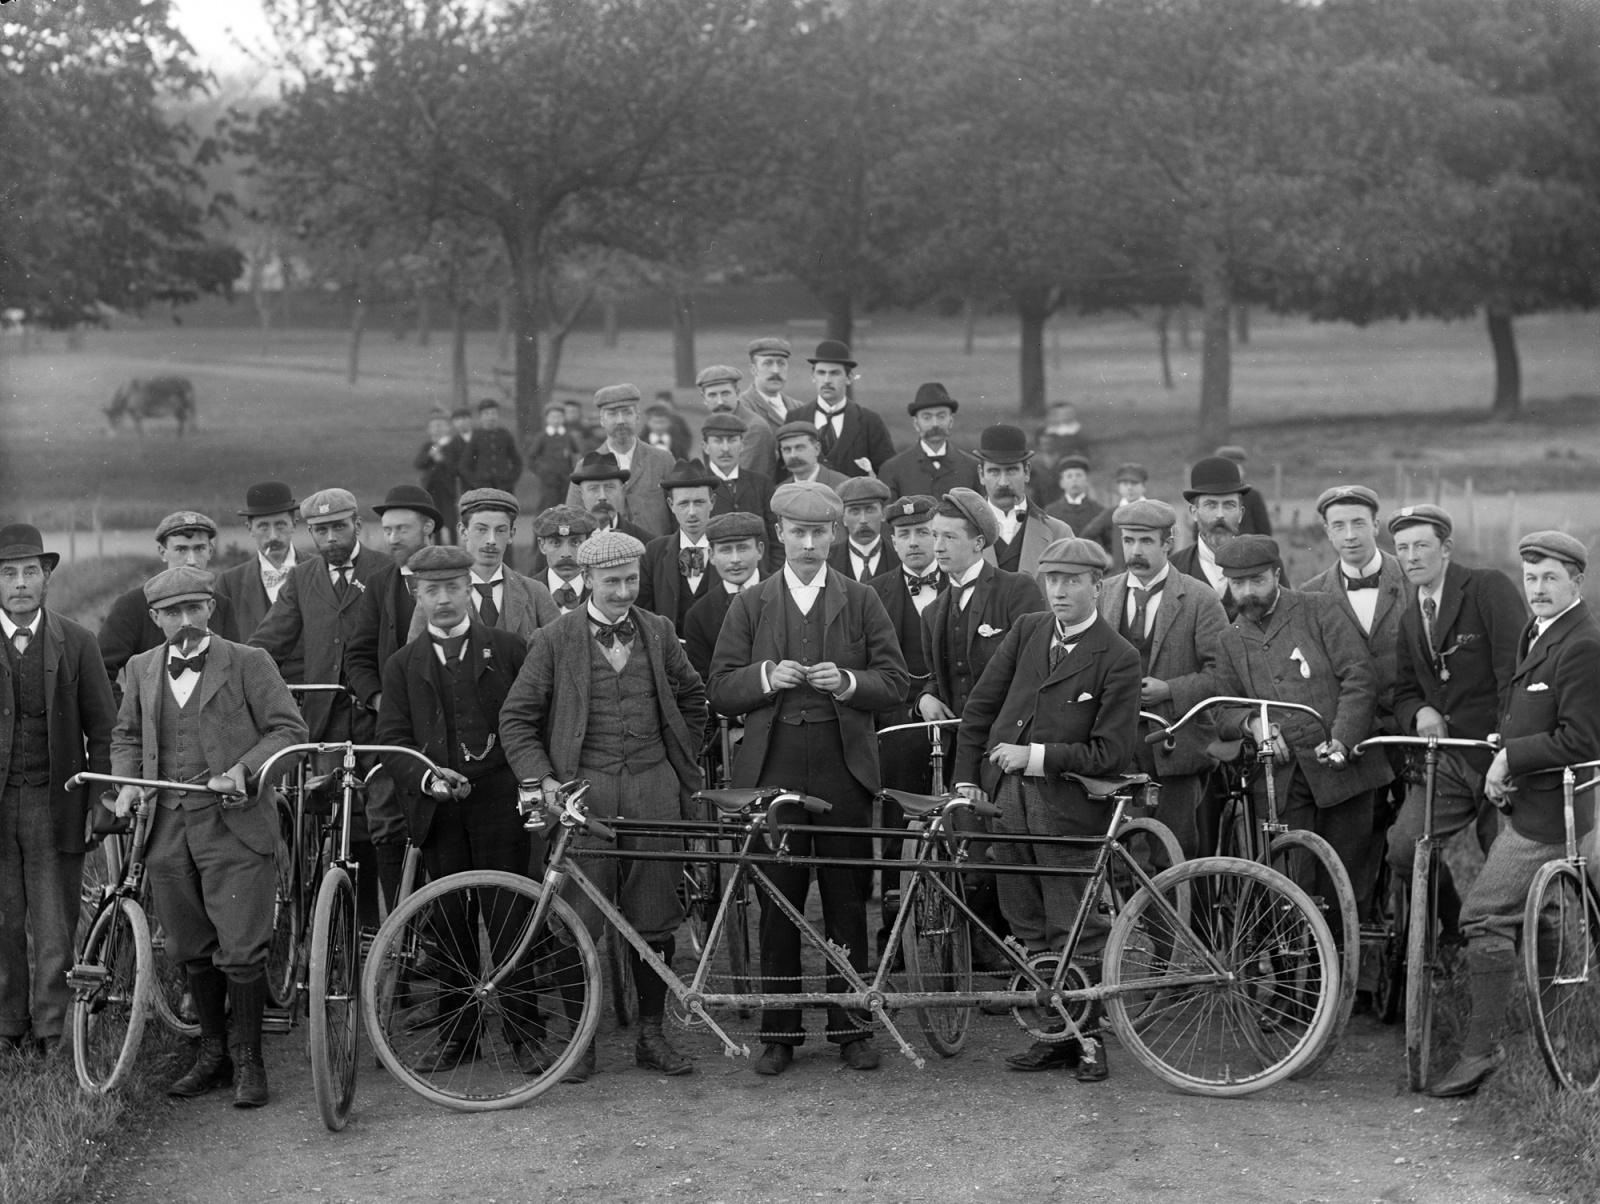 Brnem na kole: Desatero jízdy na kole ve městě